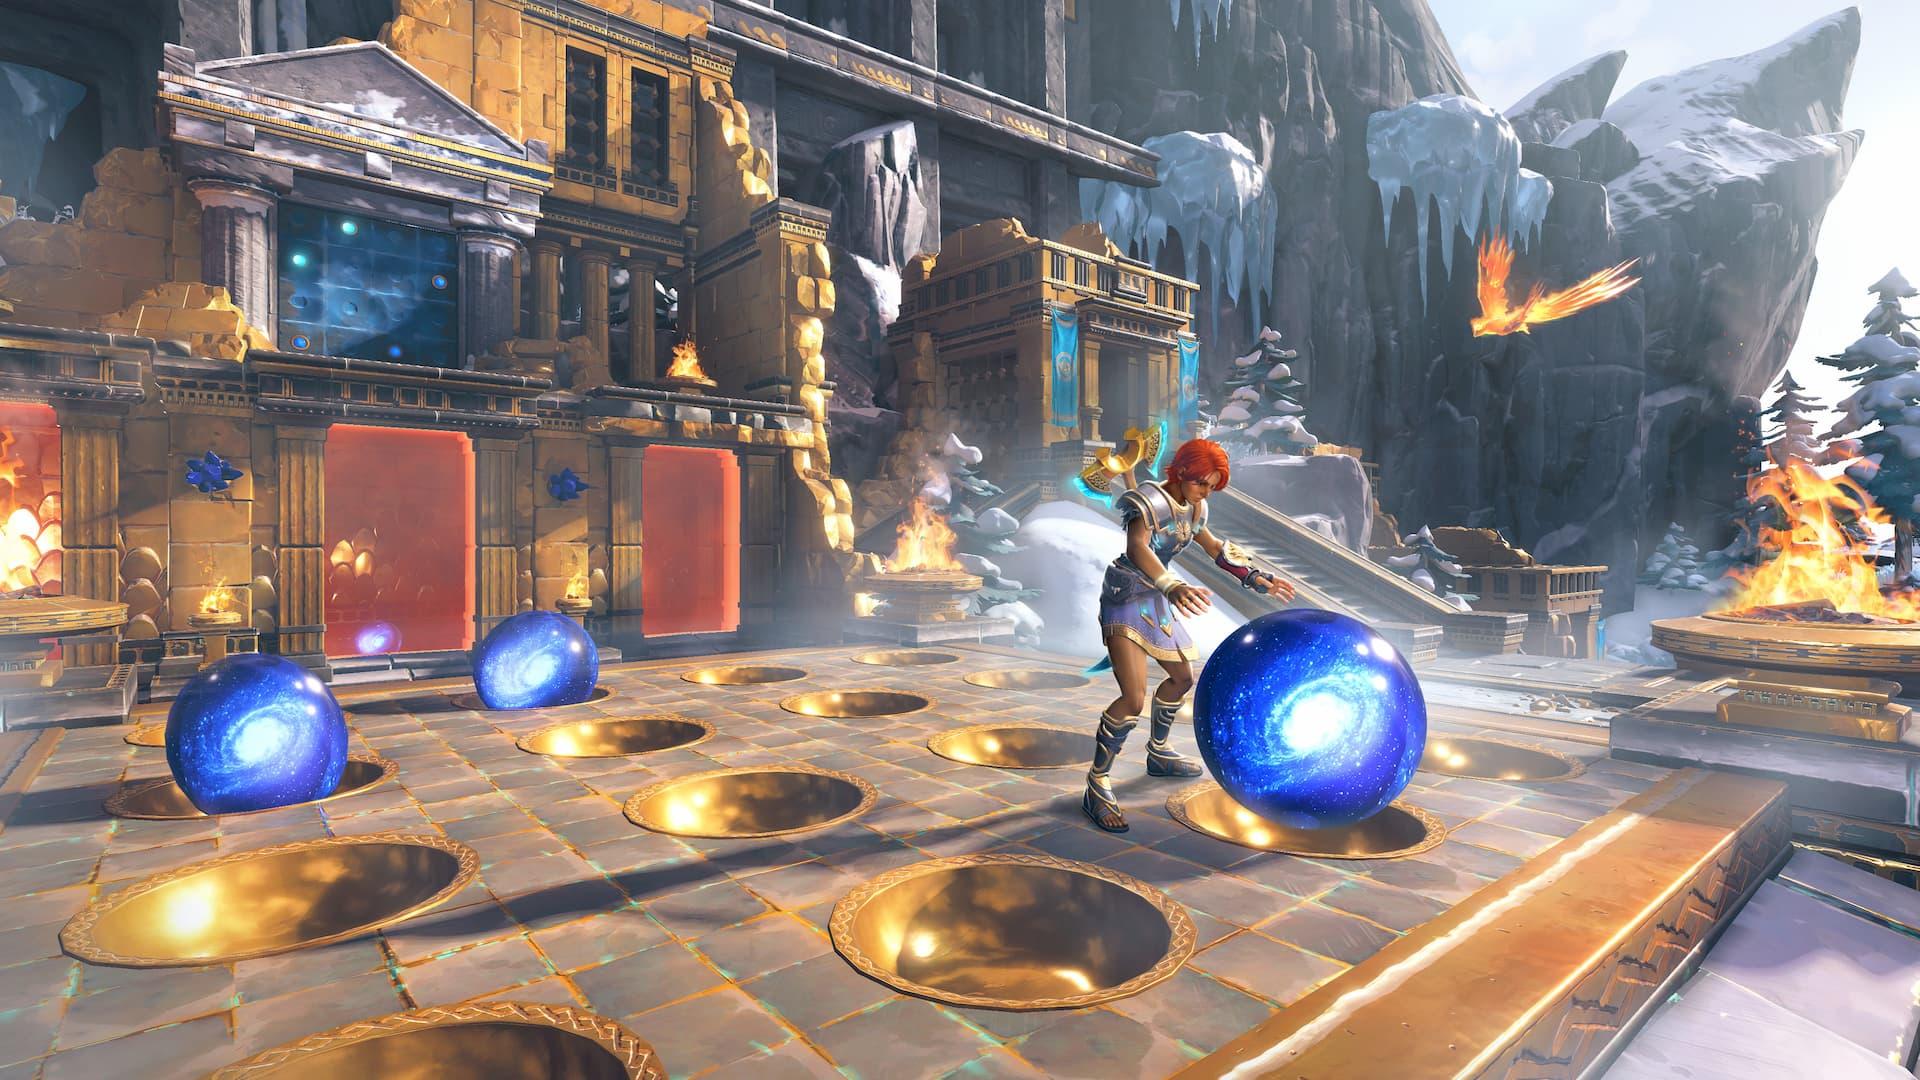 Análisis de Immortals: Fenyx Rising - Xbox Series X|S 3